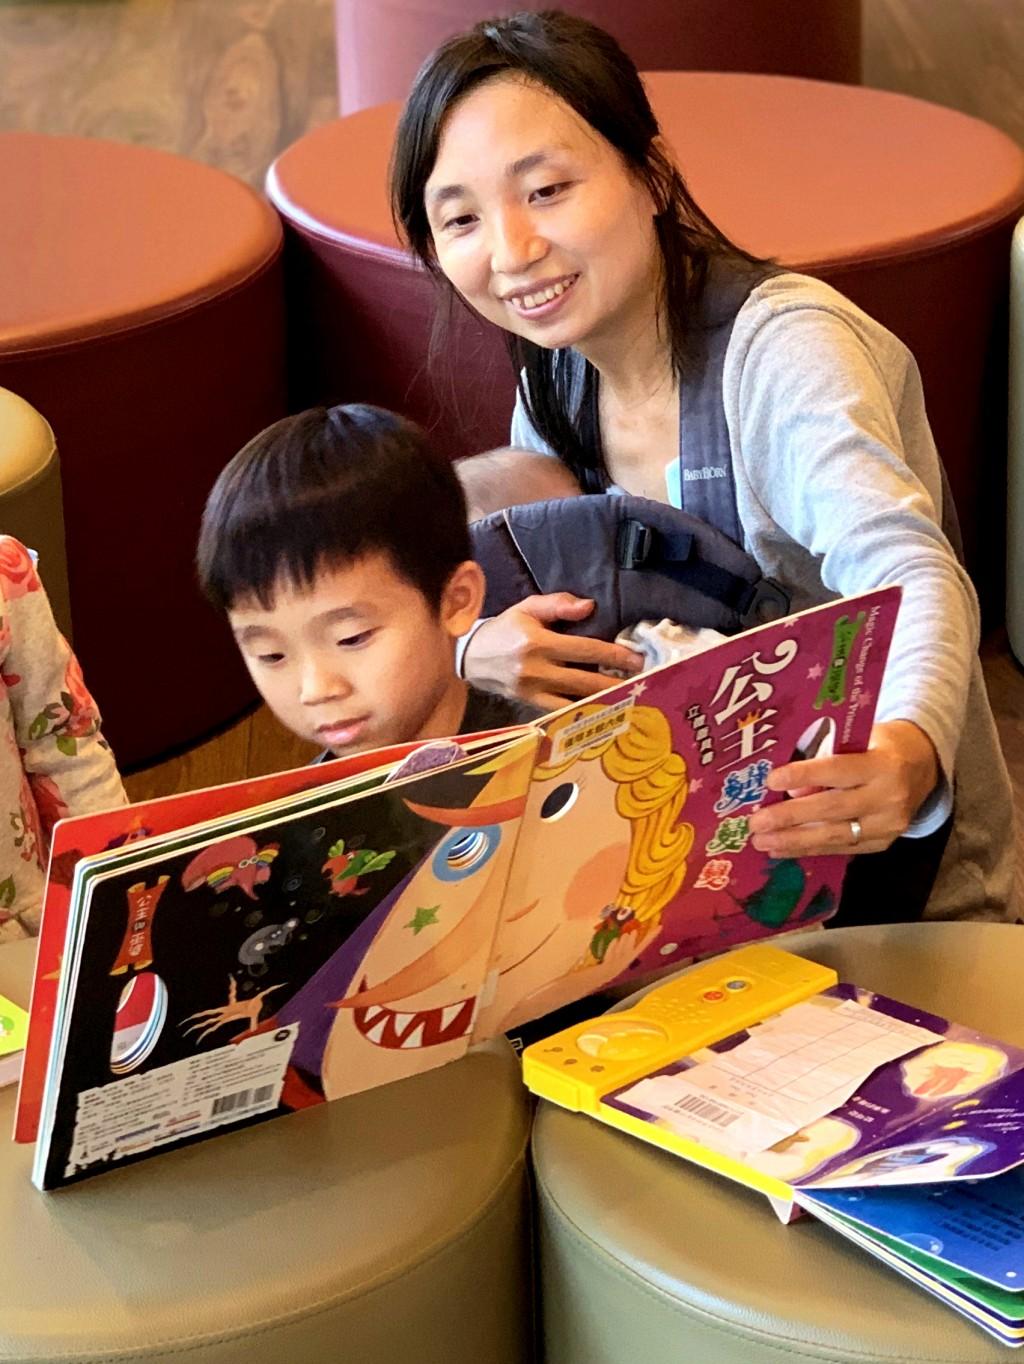 在台中李科永圖書館享受親子閱讀時光。